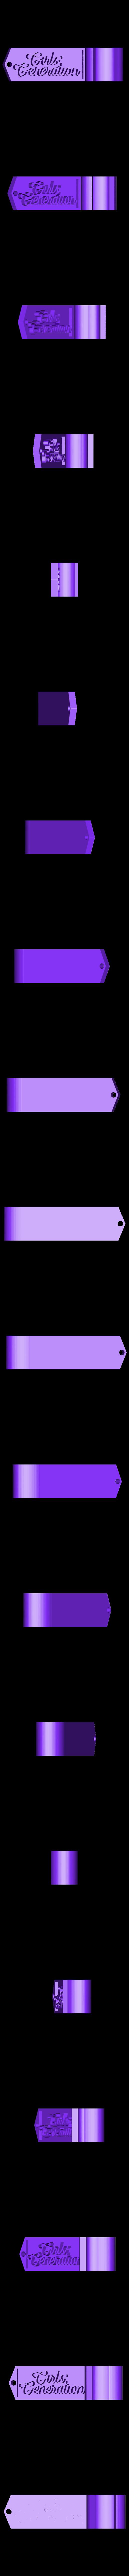 SNSD.stl Télécharger fichier STL gratuit KPop - porte-clés pour téléphone (8 groupes) • Modèle imprimable en 3D, CheesmondN